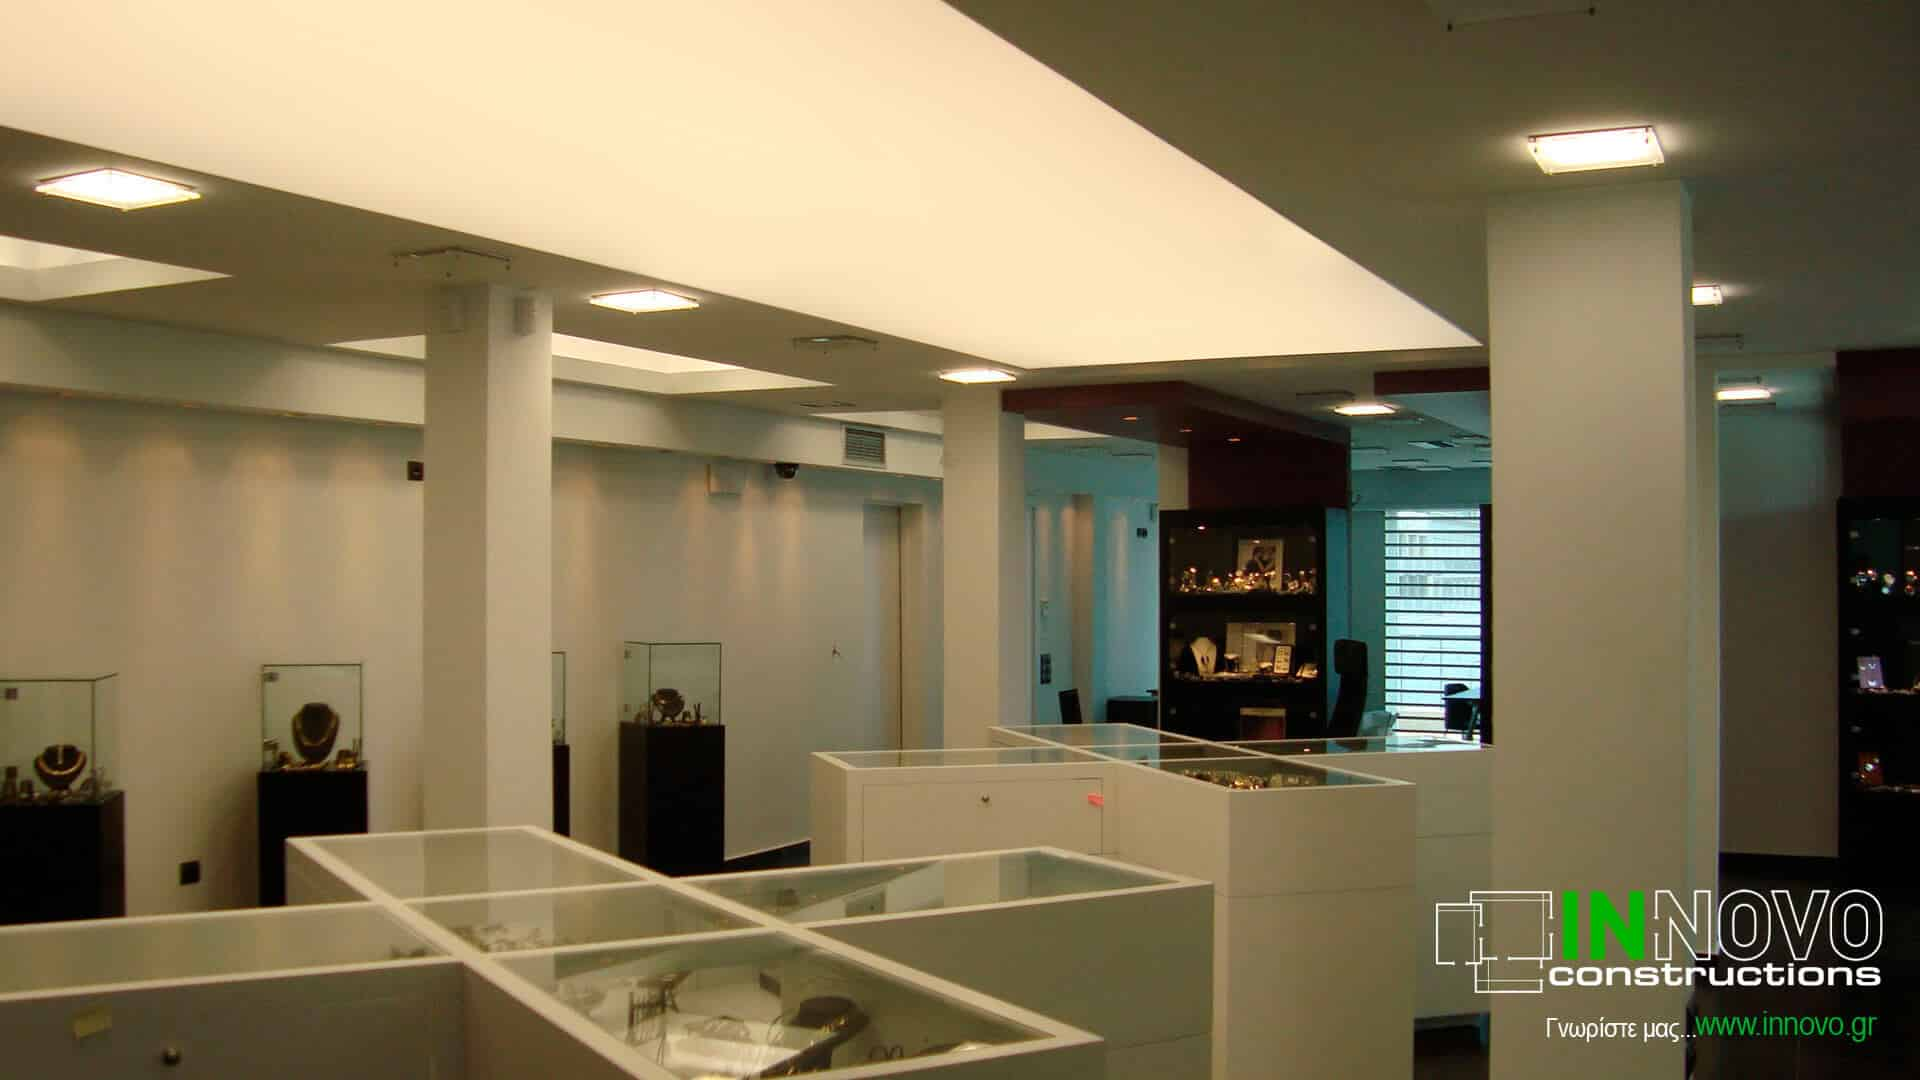 anakainisi-etaireias-company-renovation-soultos-grafeia-1048-8